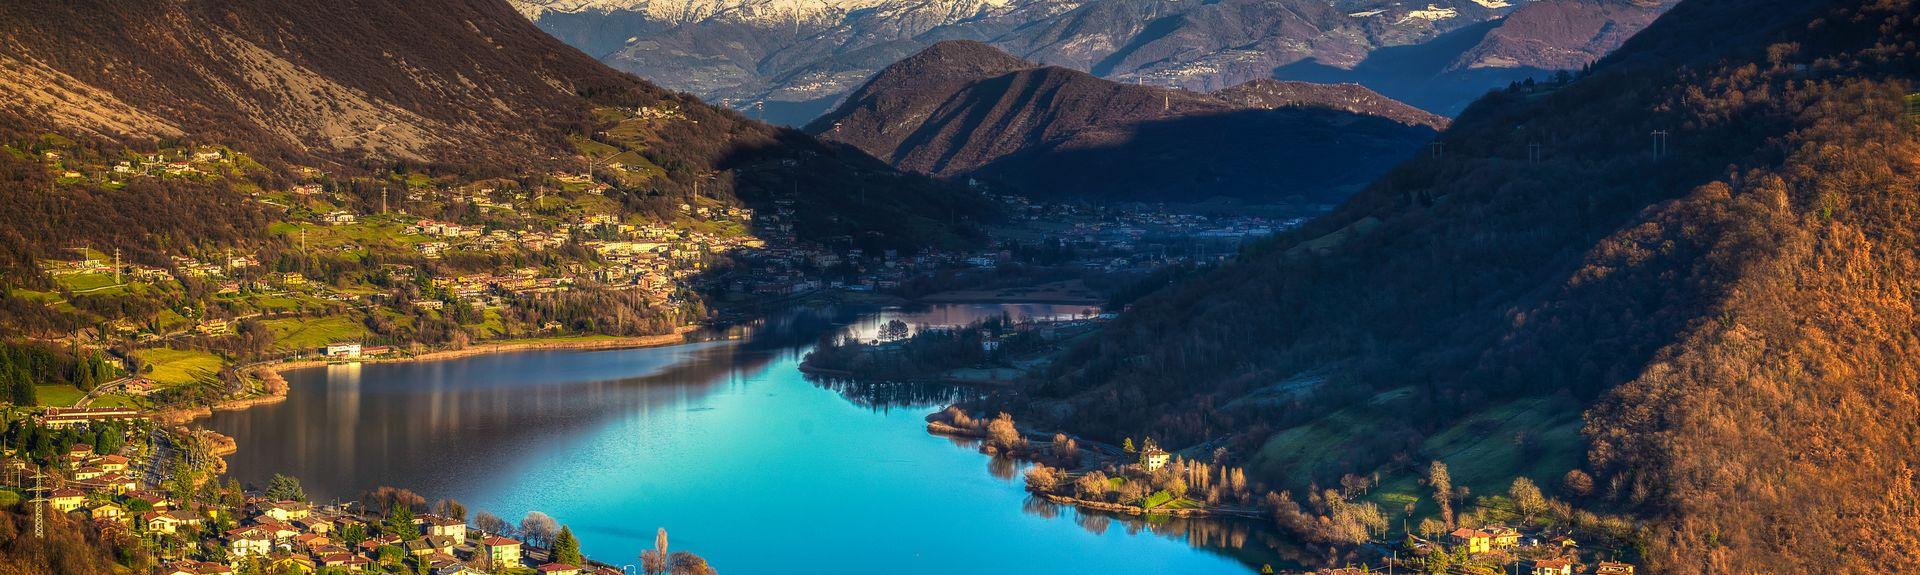 Gandosso, Lombardía, Italia